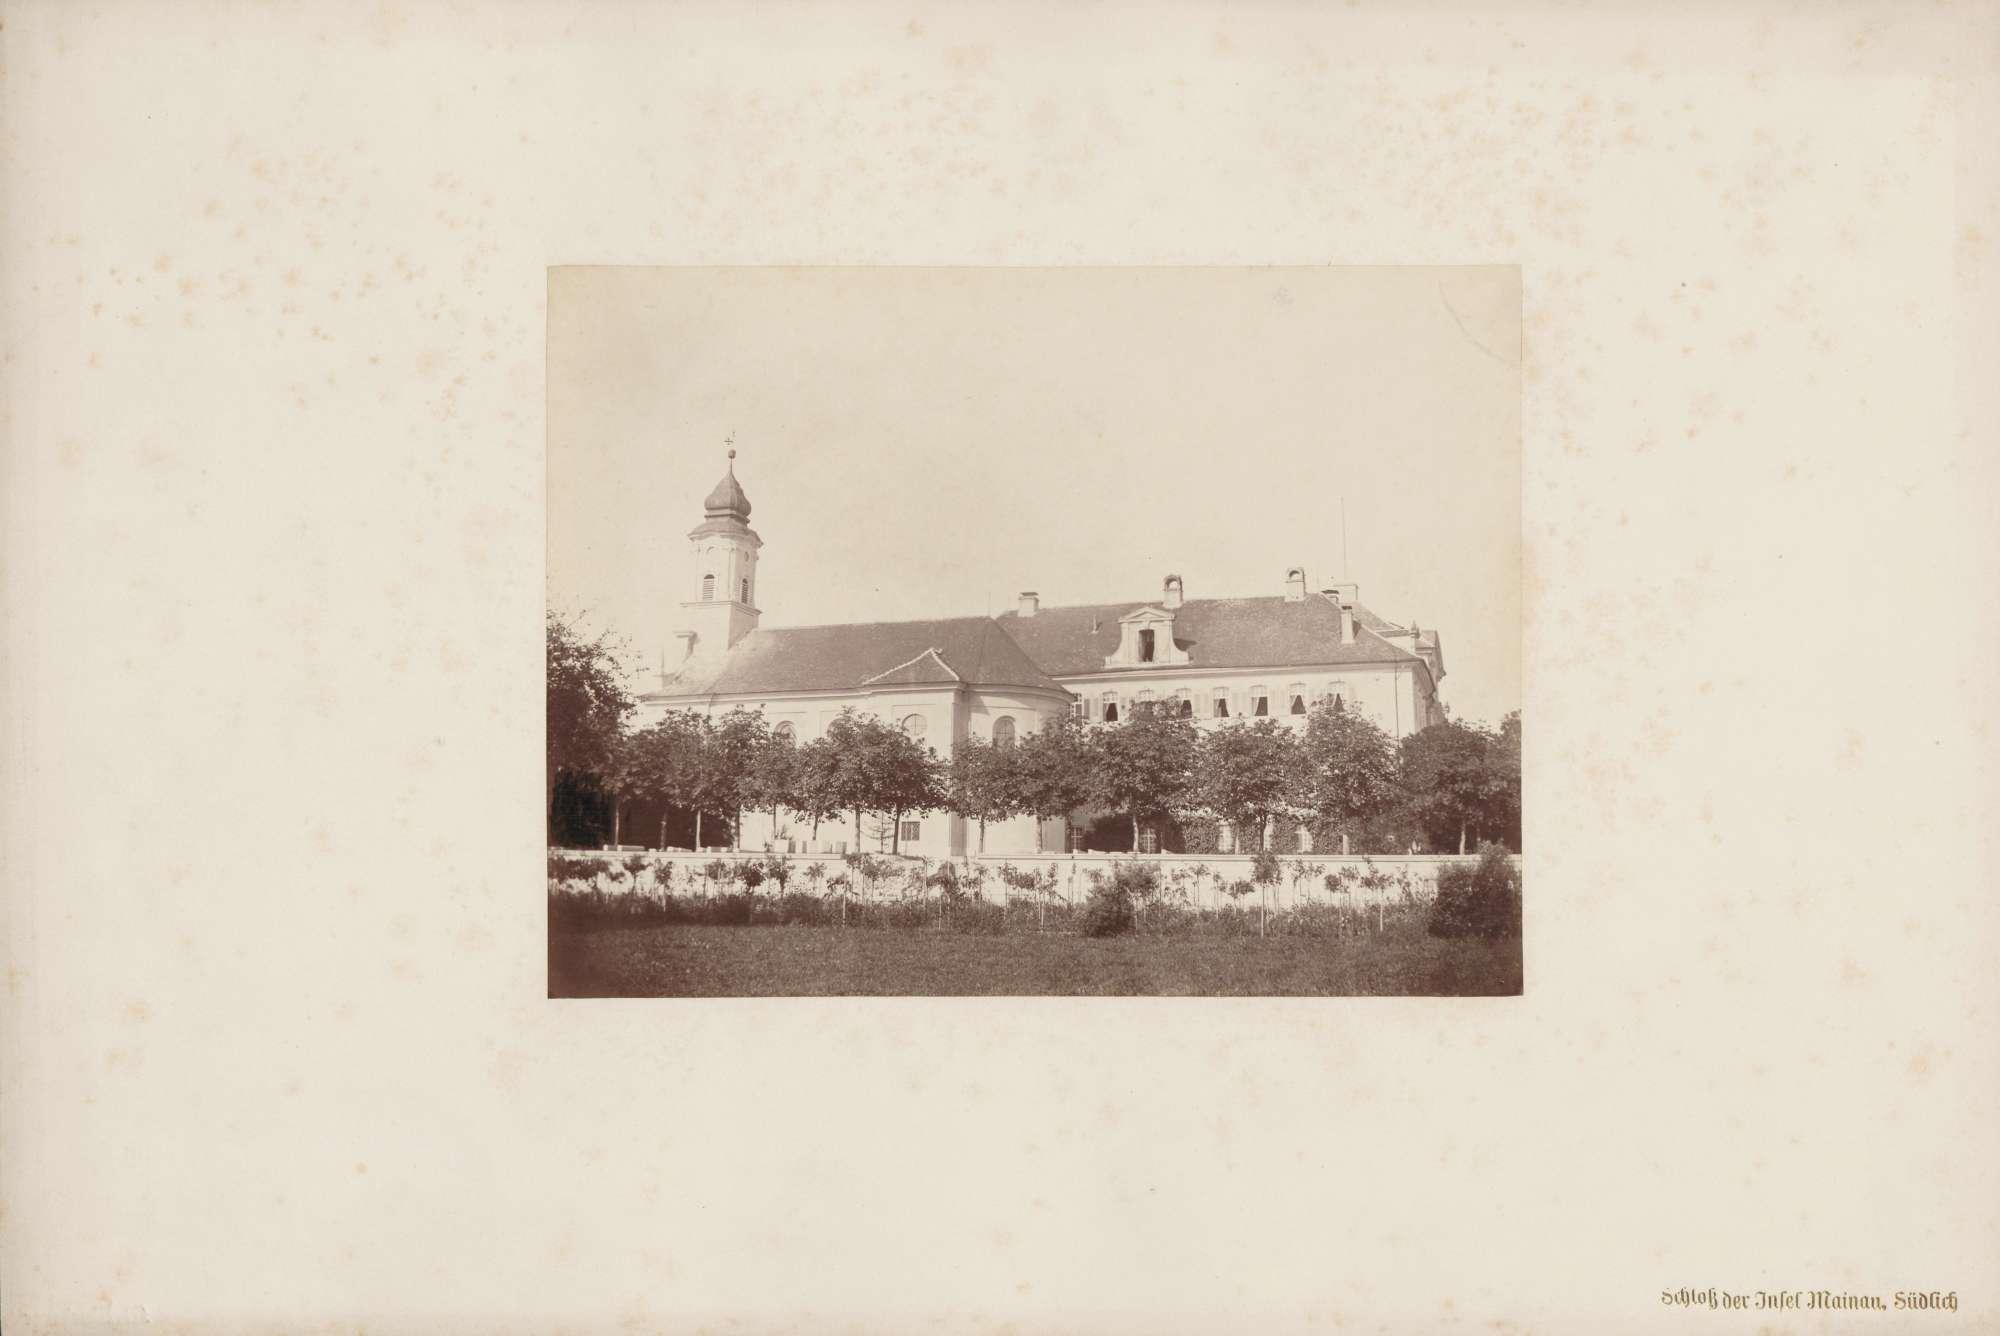 """""""Schloss der Insel Mainau. Südlich""""., Bild 1"""